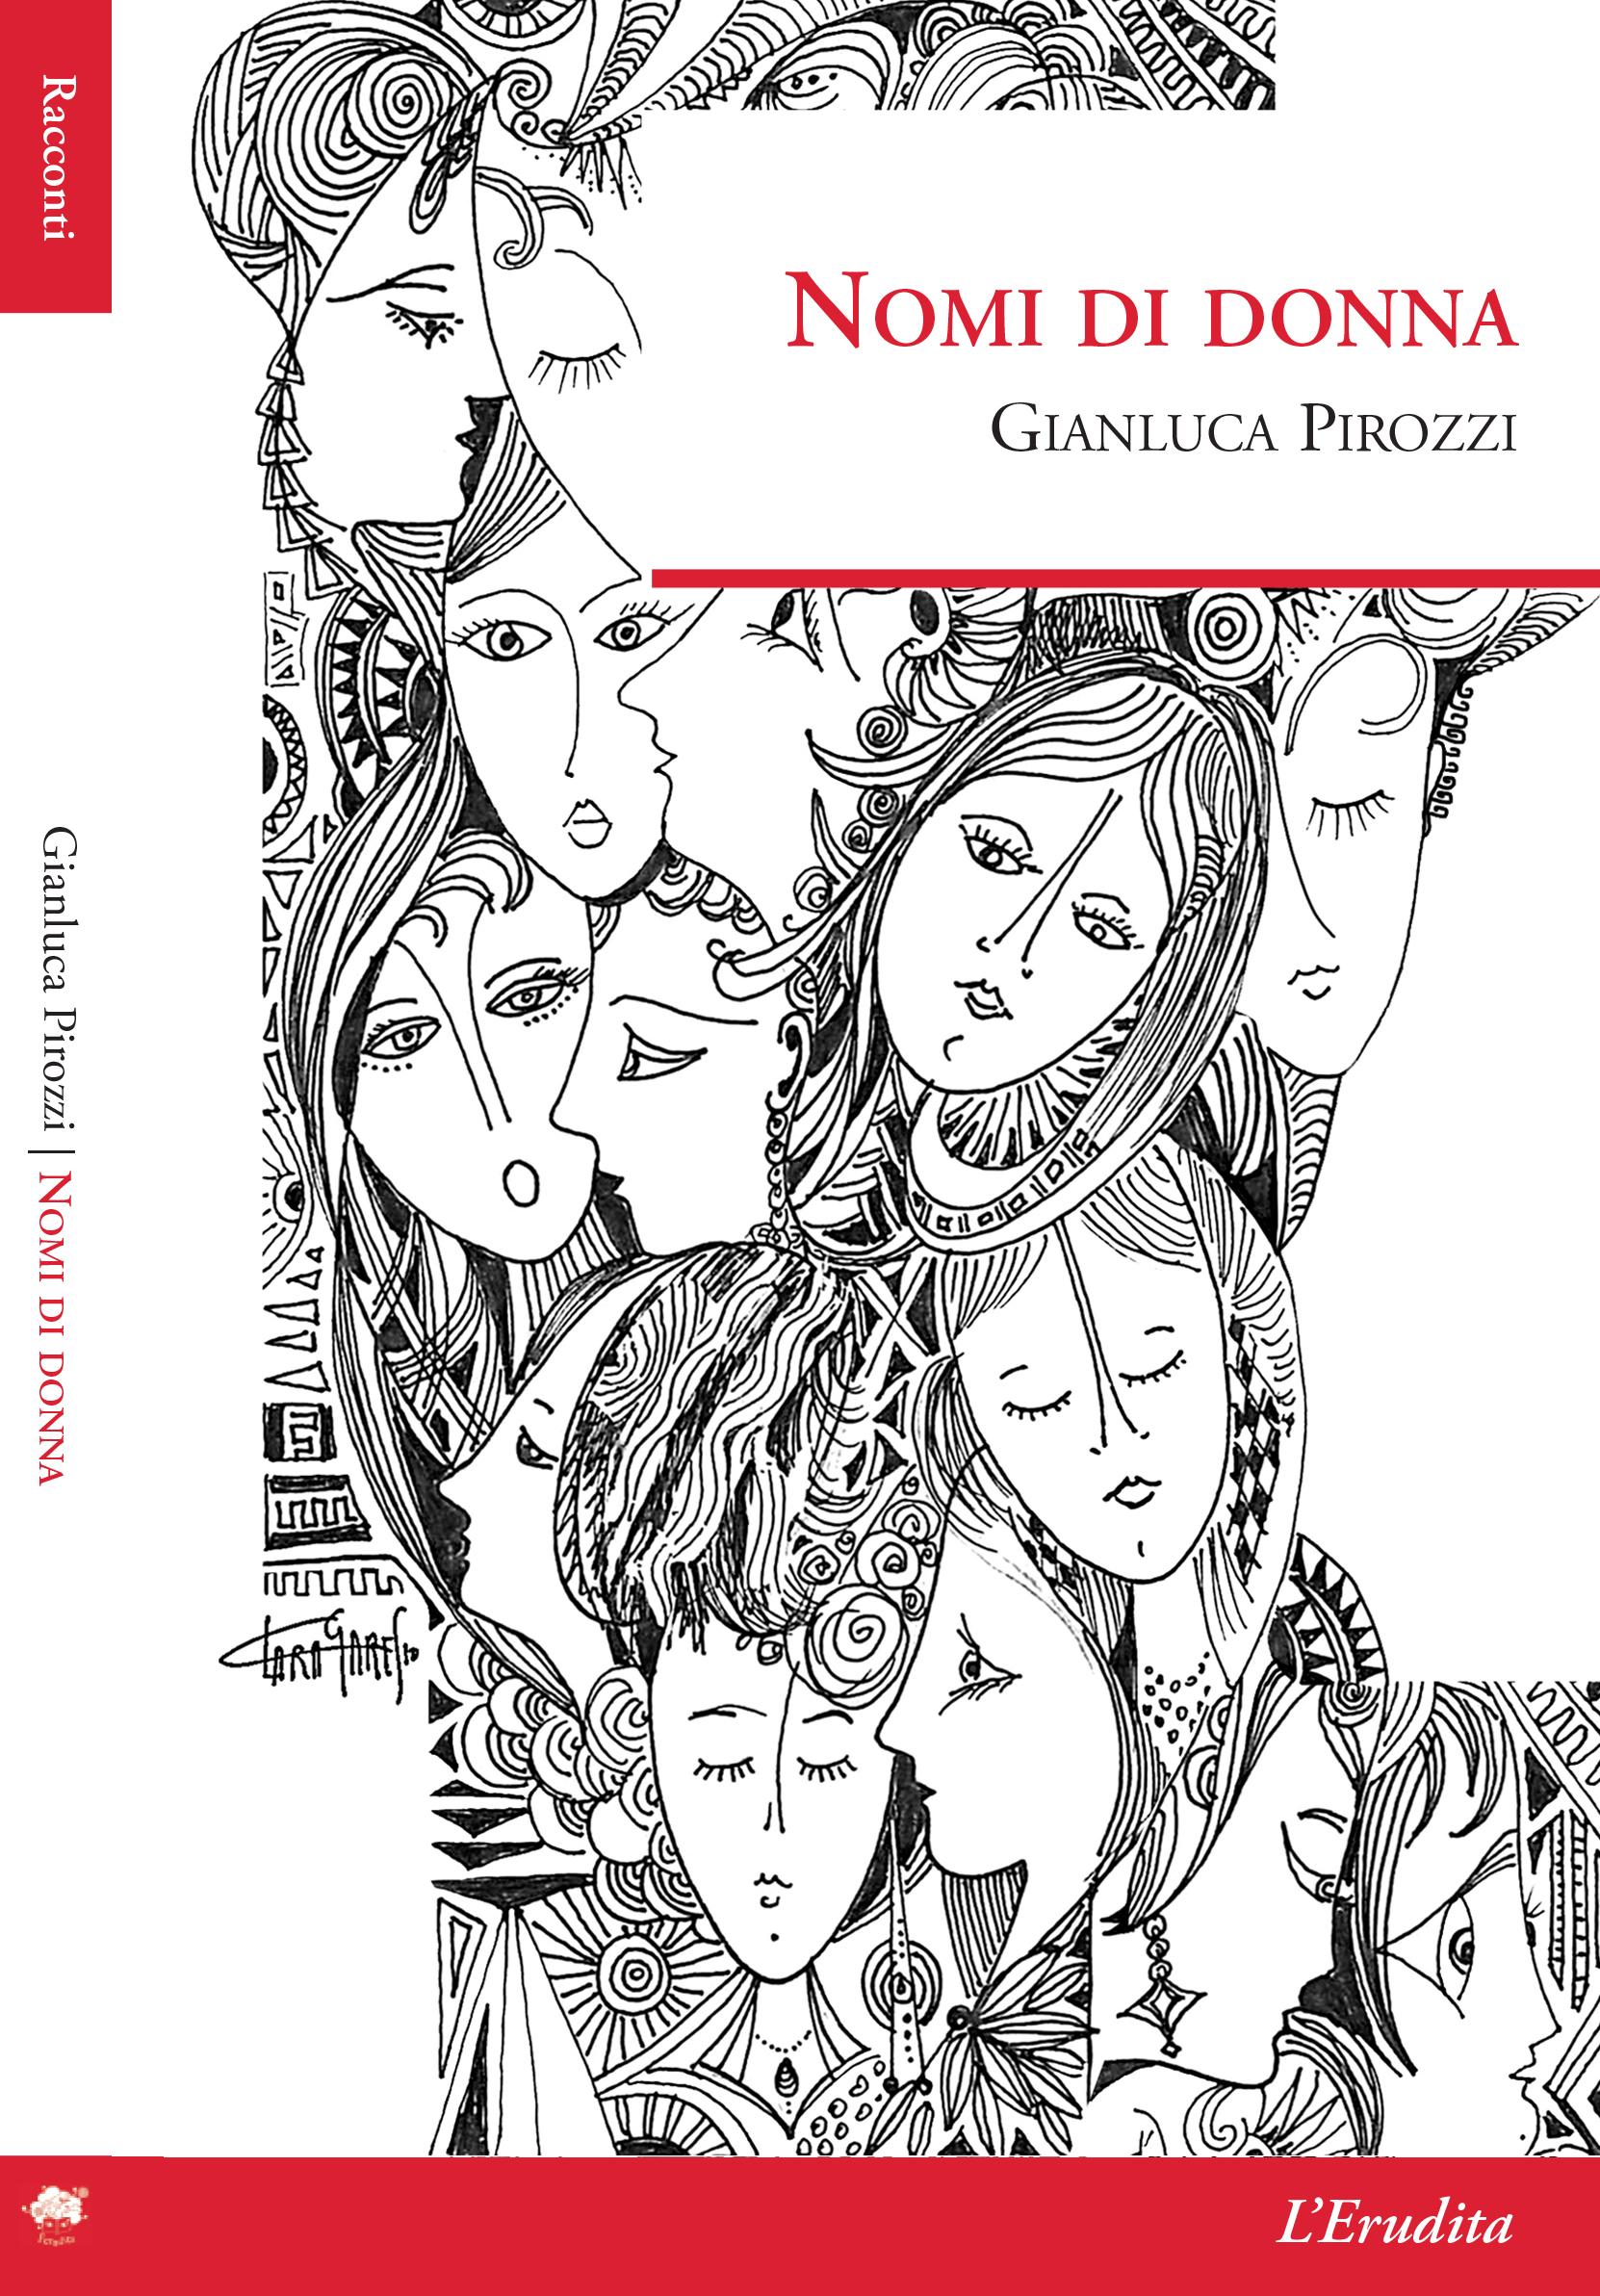 Nomi di donna di Gianluca Pirozzi